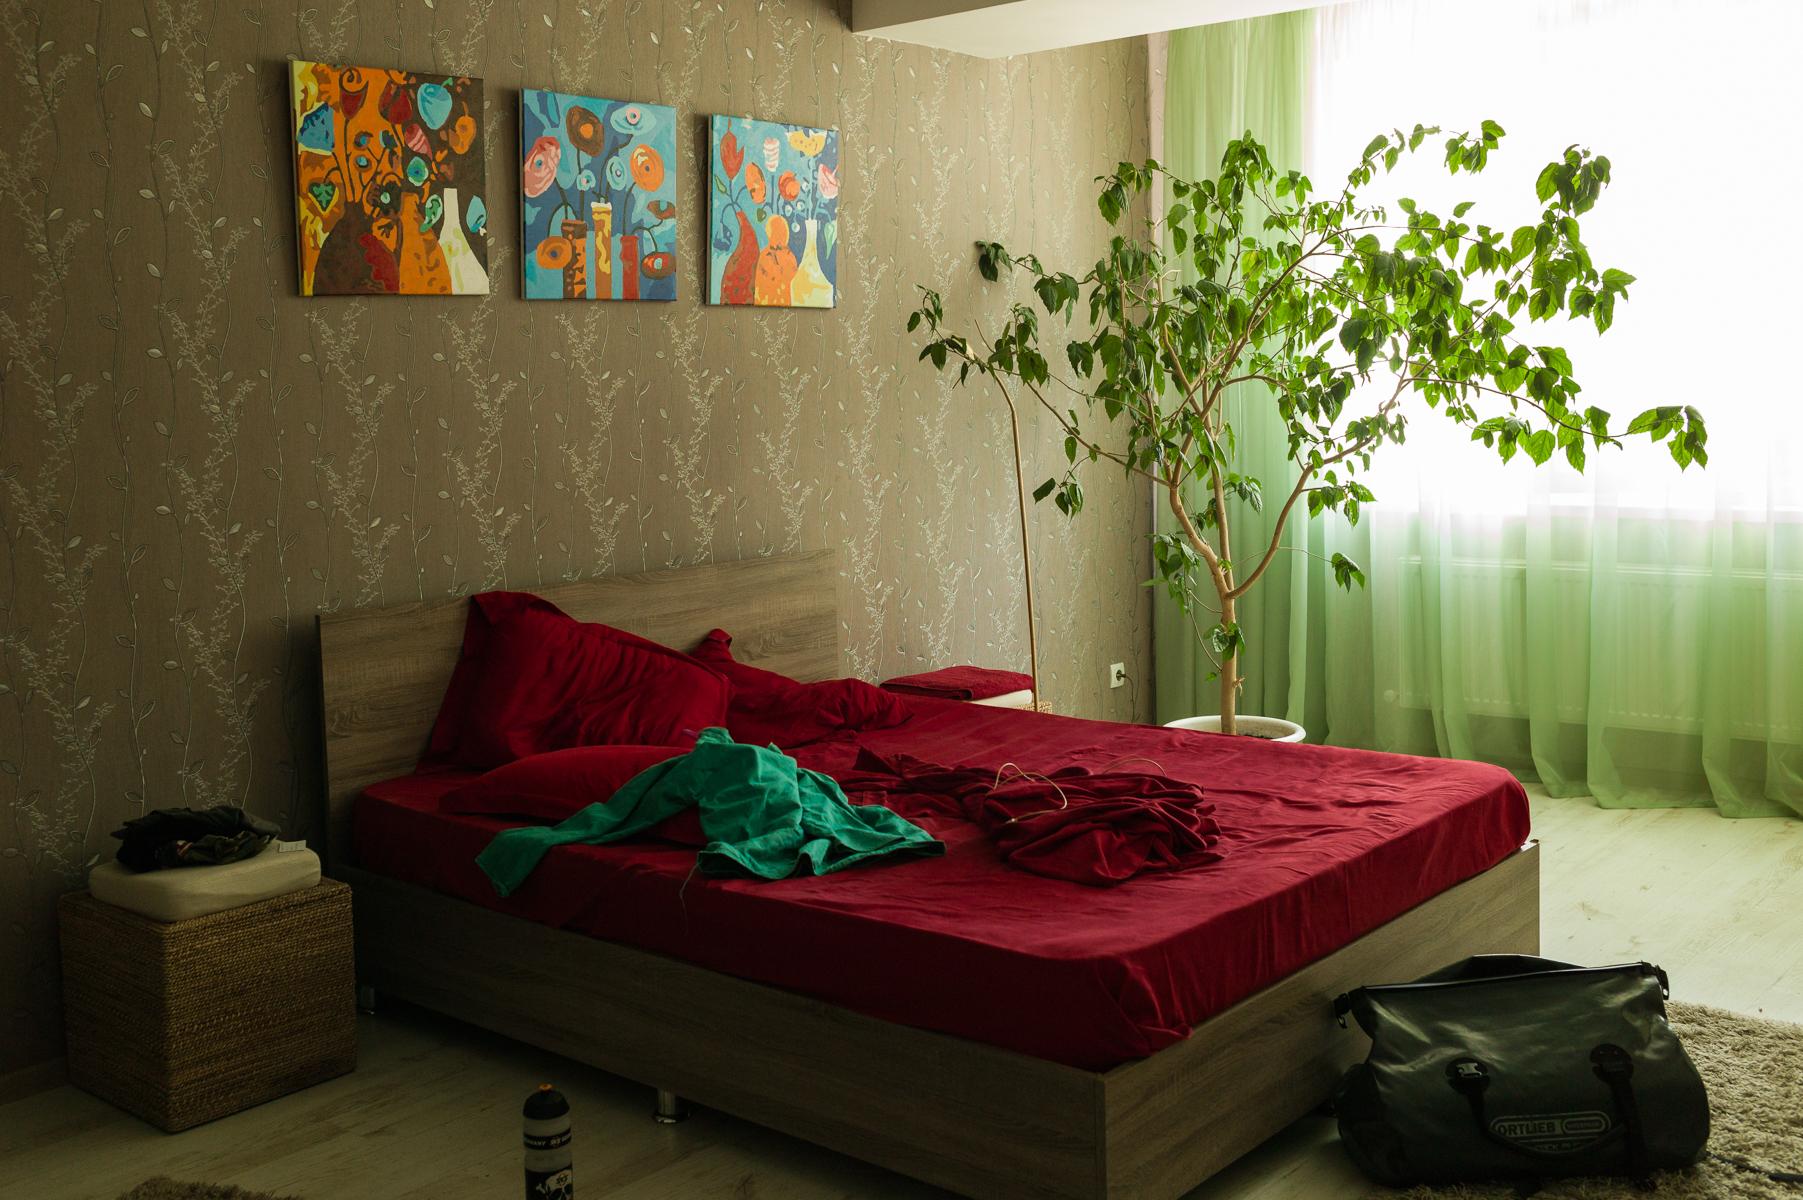 Hotel in Chișinău, June 10             try{(function() {if (typeof(lpcurruser) == 'undefined') lpcurruser = ''; if (document.getElementById('lpcurruserelt') && document.getElementById('lpcurruserelt').value != '') { lpcurruser = document.getElementById('lpcurruserelt').value; document.getElementById('lpcurruserelt').value = ''; } if (typeof(lpcurrpass) == 'undefined') lpcurrpass=''; if (document.getElementById('lpcurrpasselt') && document.getElementById('lpcurrpasselt').value != '') { lpcurrpass = document.getElementById('lpcurrpasselt').value; document.getElementById('lpcurrpasselt').value = ''; } var lploc=3;var lponlyfill=1;(function() { var doc=document; var _u=null; var _p=null; var body=doc.body; if (lploc==3 && body.className.indexOf('squarespace-login') =0) { var inps =doc.getElementsByName('password'); if (inps.length 0) { _p =inps[0]; } inps =doc.getElementsByName('email'); if (inps.length 0) { _u =inps[0]; }  if (lpcurrpass && _p) { _p.value = lpcurrpass; } if (lpcurruser && _u) { _u.value = lpcurruser; } } })();lpcurruser = ''; lpcurrpass = '';})();}catch(e){}  try{(function() {if (typeof(lpcurruser) == 'undefined') lpcurruser = ''; if (document.getElementById('lpcurruserelt') && document.getElementById('lpcurruserelt').value != '') { lpcurruser = document.getElementById('lpcurruserelt').value; document.getElementById('lpcurruserelt').value = ''; } if (typeof(lpcurrpass) == 'undefined') lpcurrpass=''; if (document.getElementById('lpcurrpasselt') && document.getElementById('lpcurrpasselt').value != '') { lpcurrpass = document.getElementById('lpcurrpasselt').value; document.getElementById('lpcurrpasselt').value = ''; } var lploc=3;var lponlyfill=1;(function() { var doc=document; var _u=null; var _p=null; var body=doc.body; if (lploc==3 && body.className.indexOf('squarespace-login') =0) { var inps =doc.getElementsByName('password'); if (inps.length 0) { _p =inps[0]; } inps =doc.getElementsByName('email'); if (inps.length 0) { _u =inps[0]; }  if (lpcurrpass 